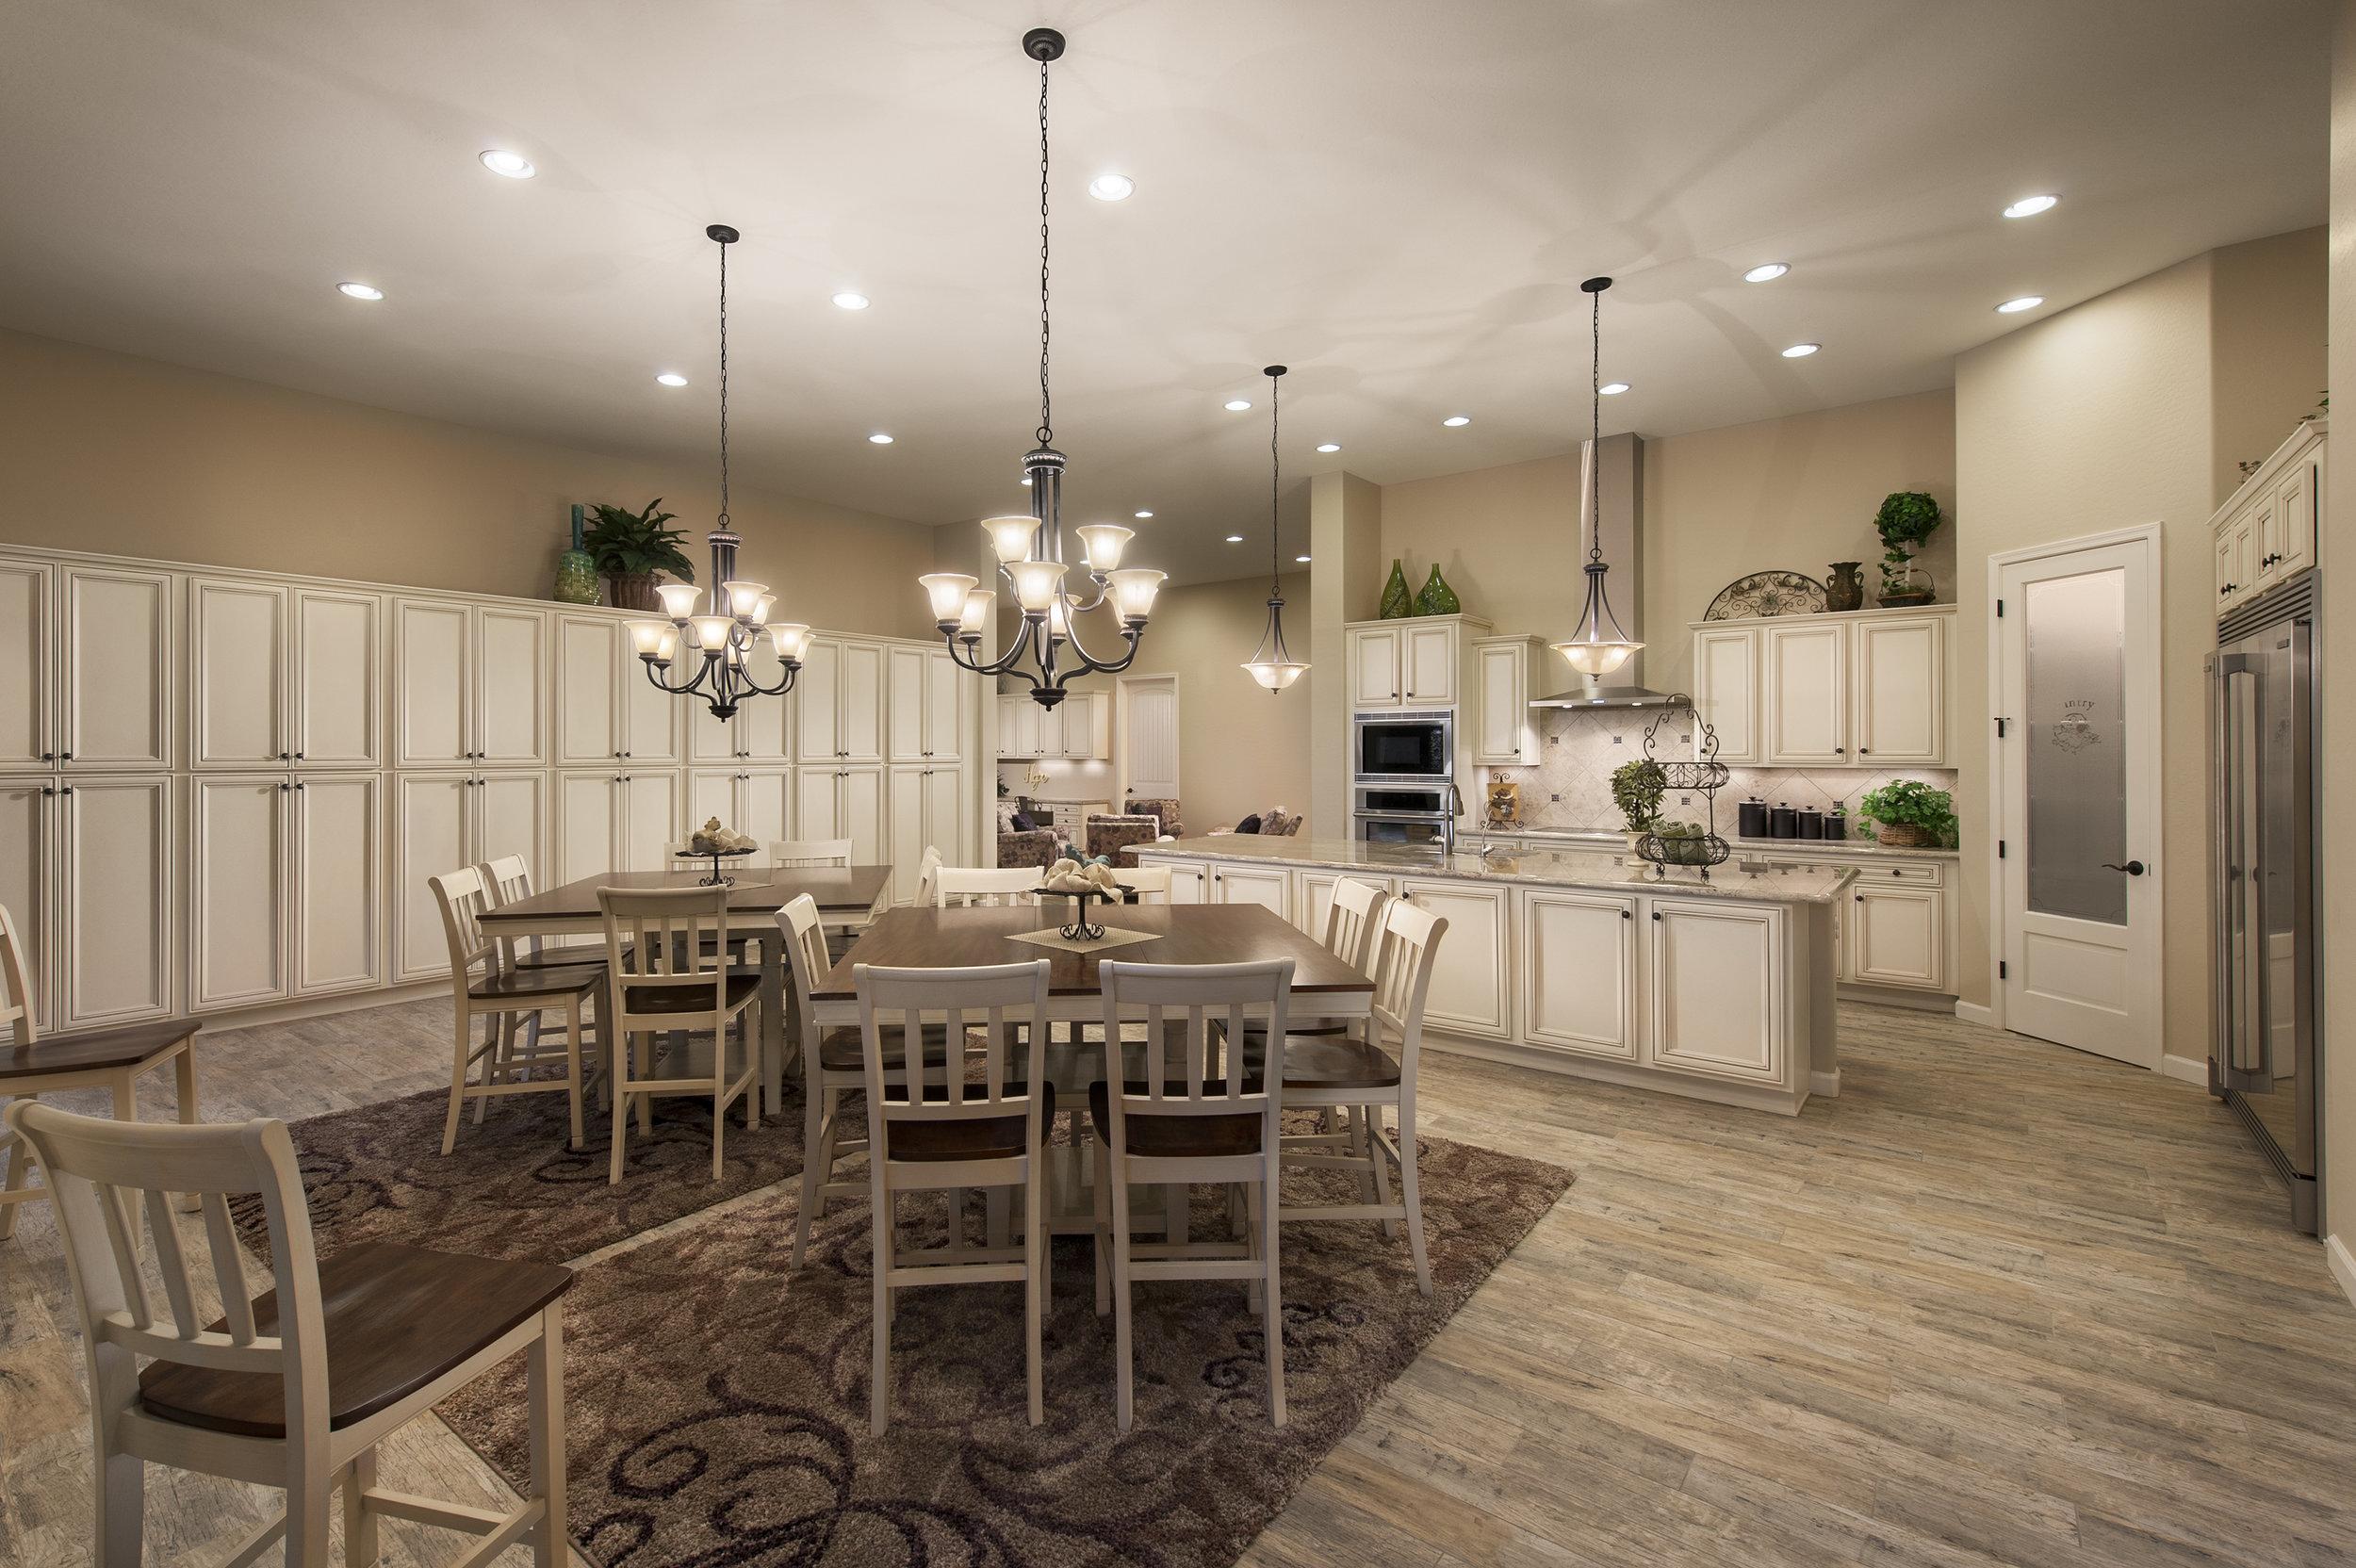 37-2569 Kitchen 2.jpg